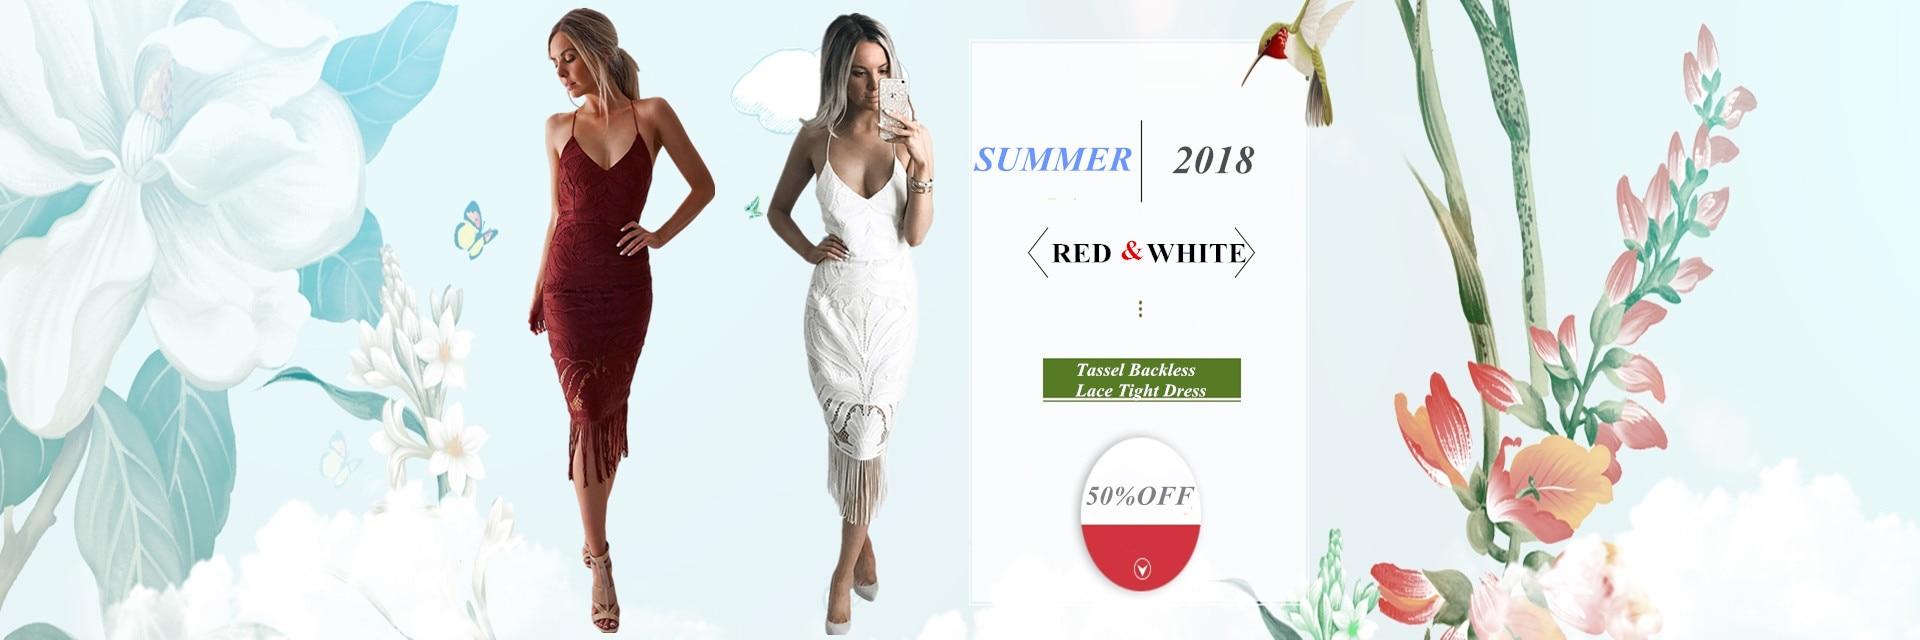 ЛЕТНИЕ ПЛАТЬЯ 2018. La Chilly Winter Fall Dresses For Women Black Burgundy  ... 942d72f9765e